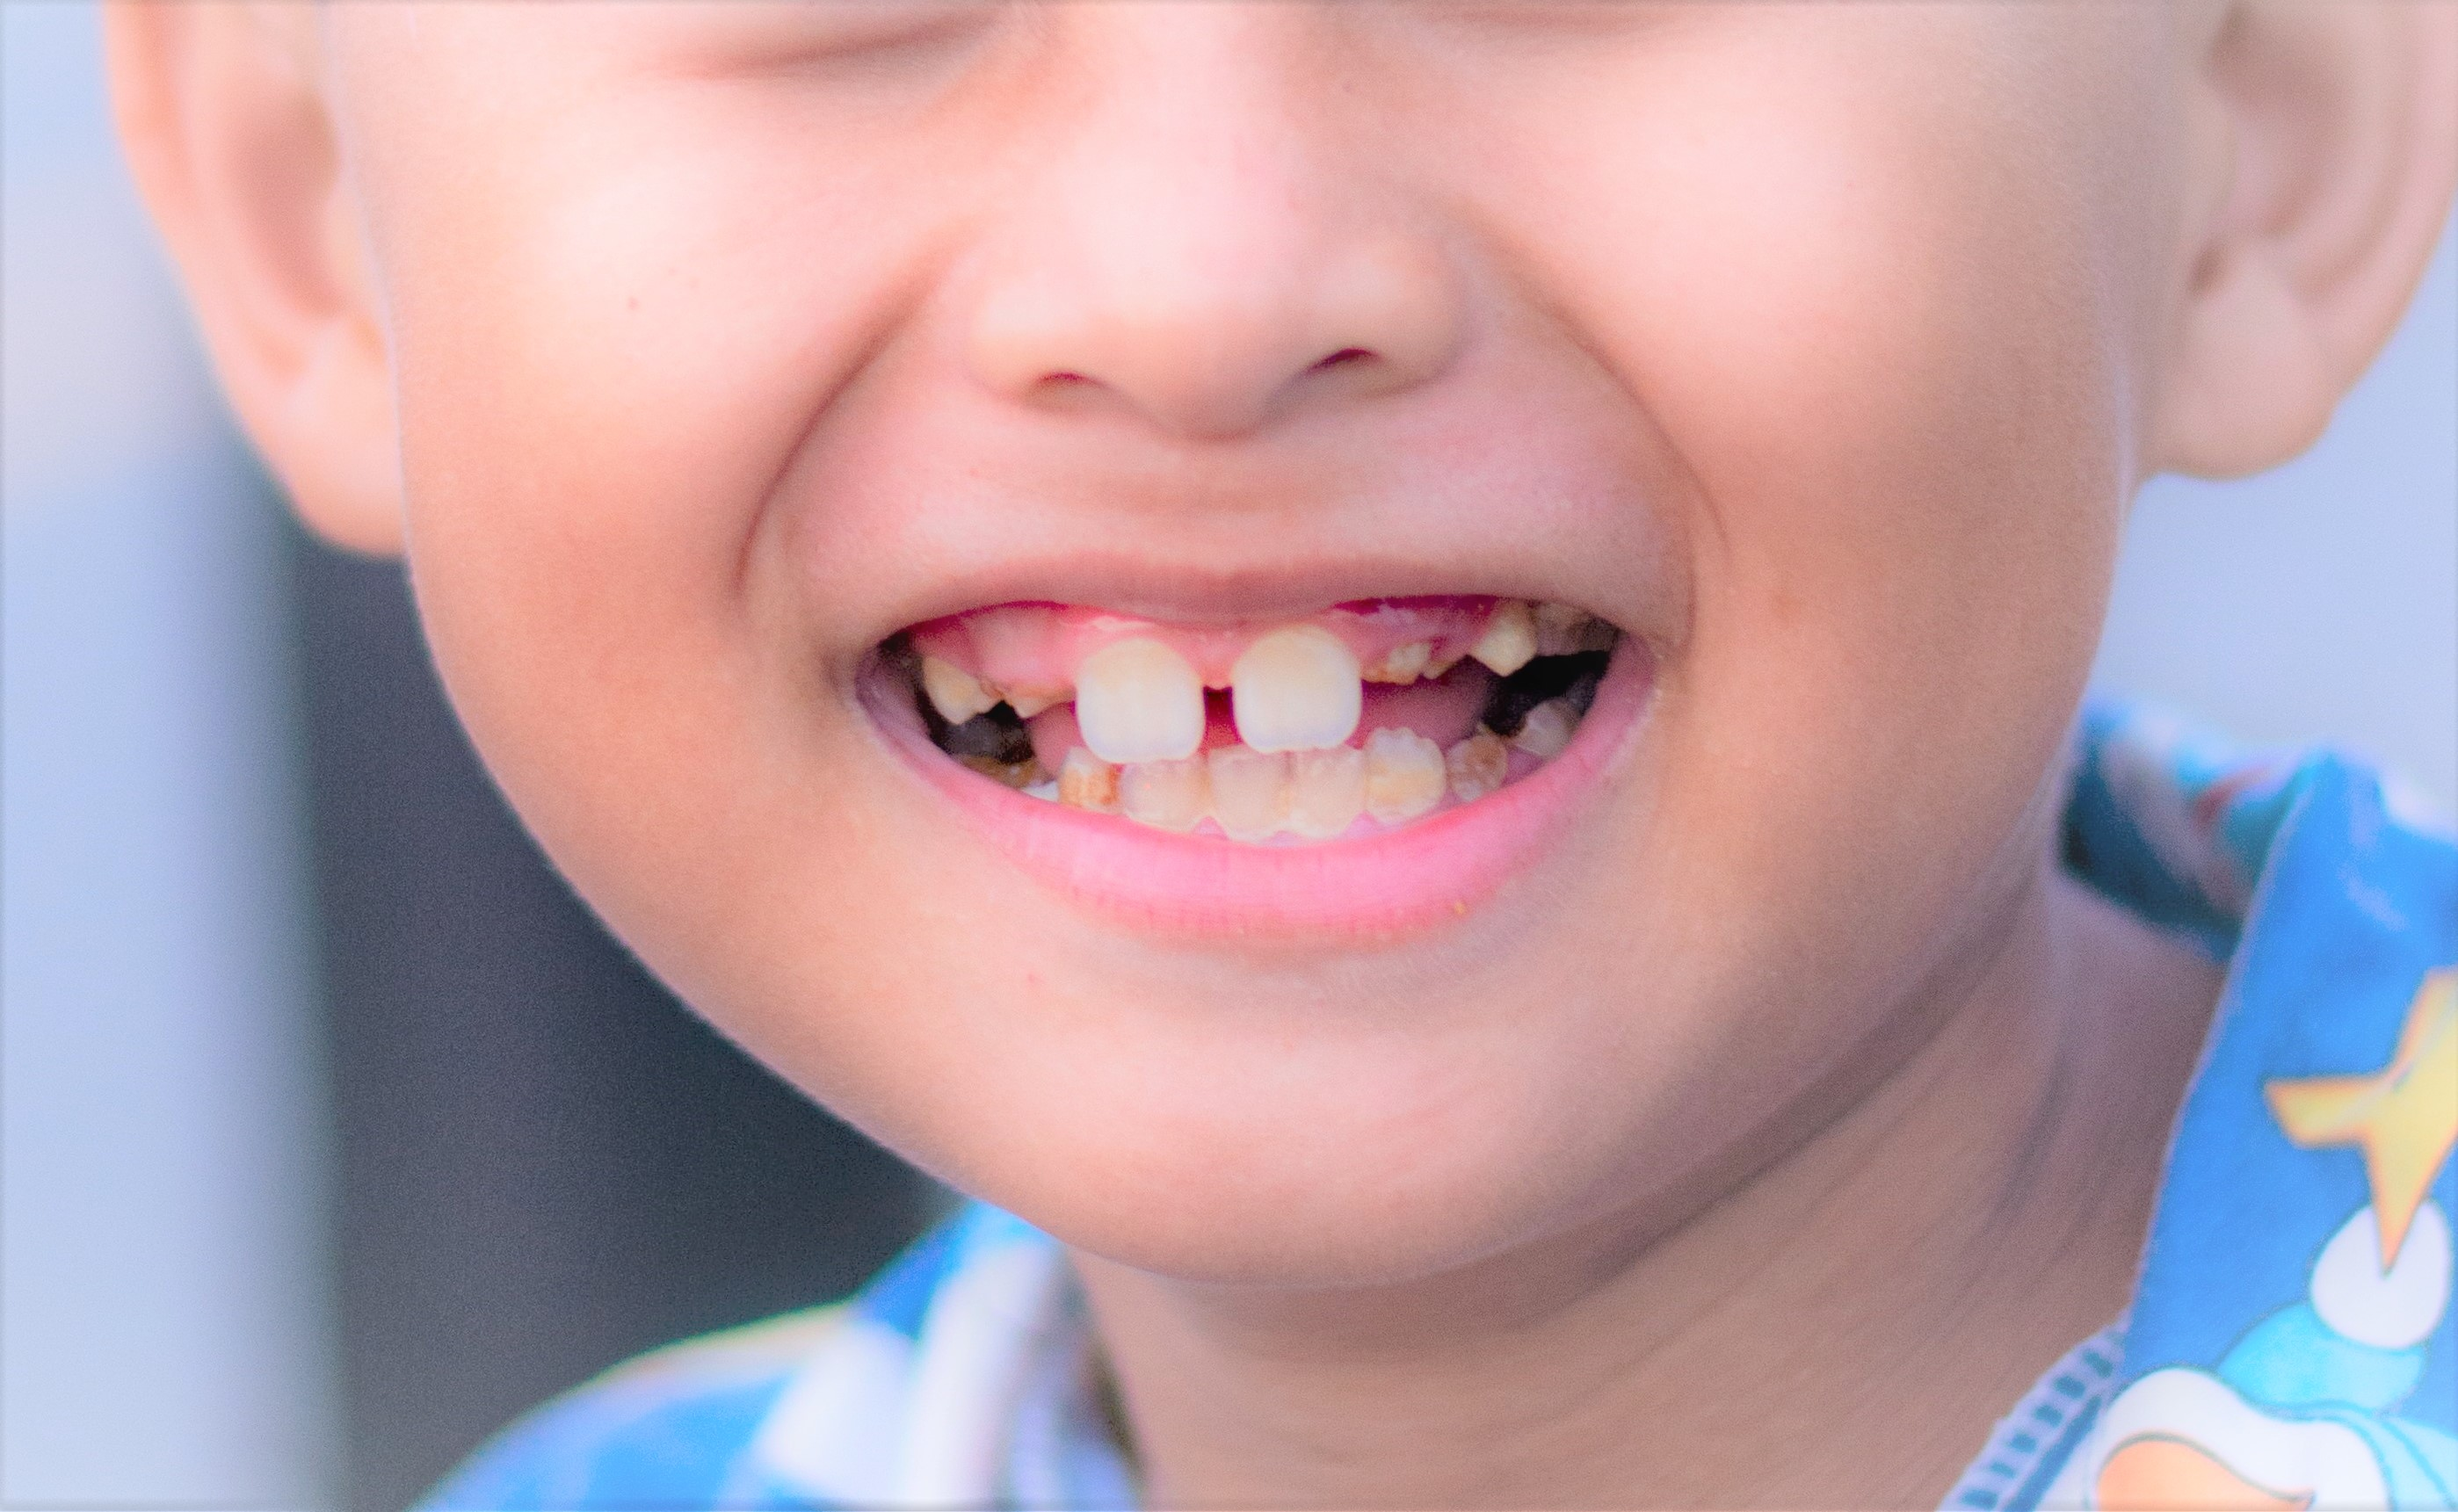 こどもの歯並びが悪い|症状別に矯正開始時期の目安をご案内します